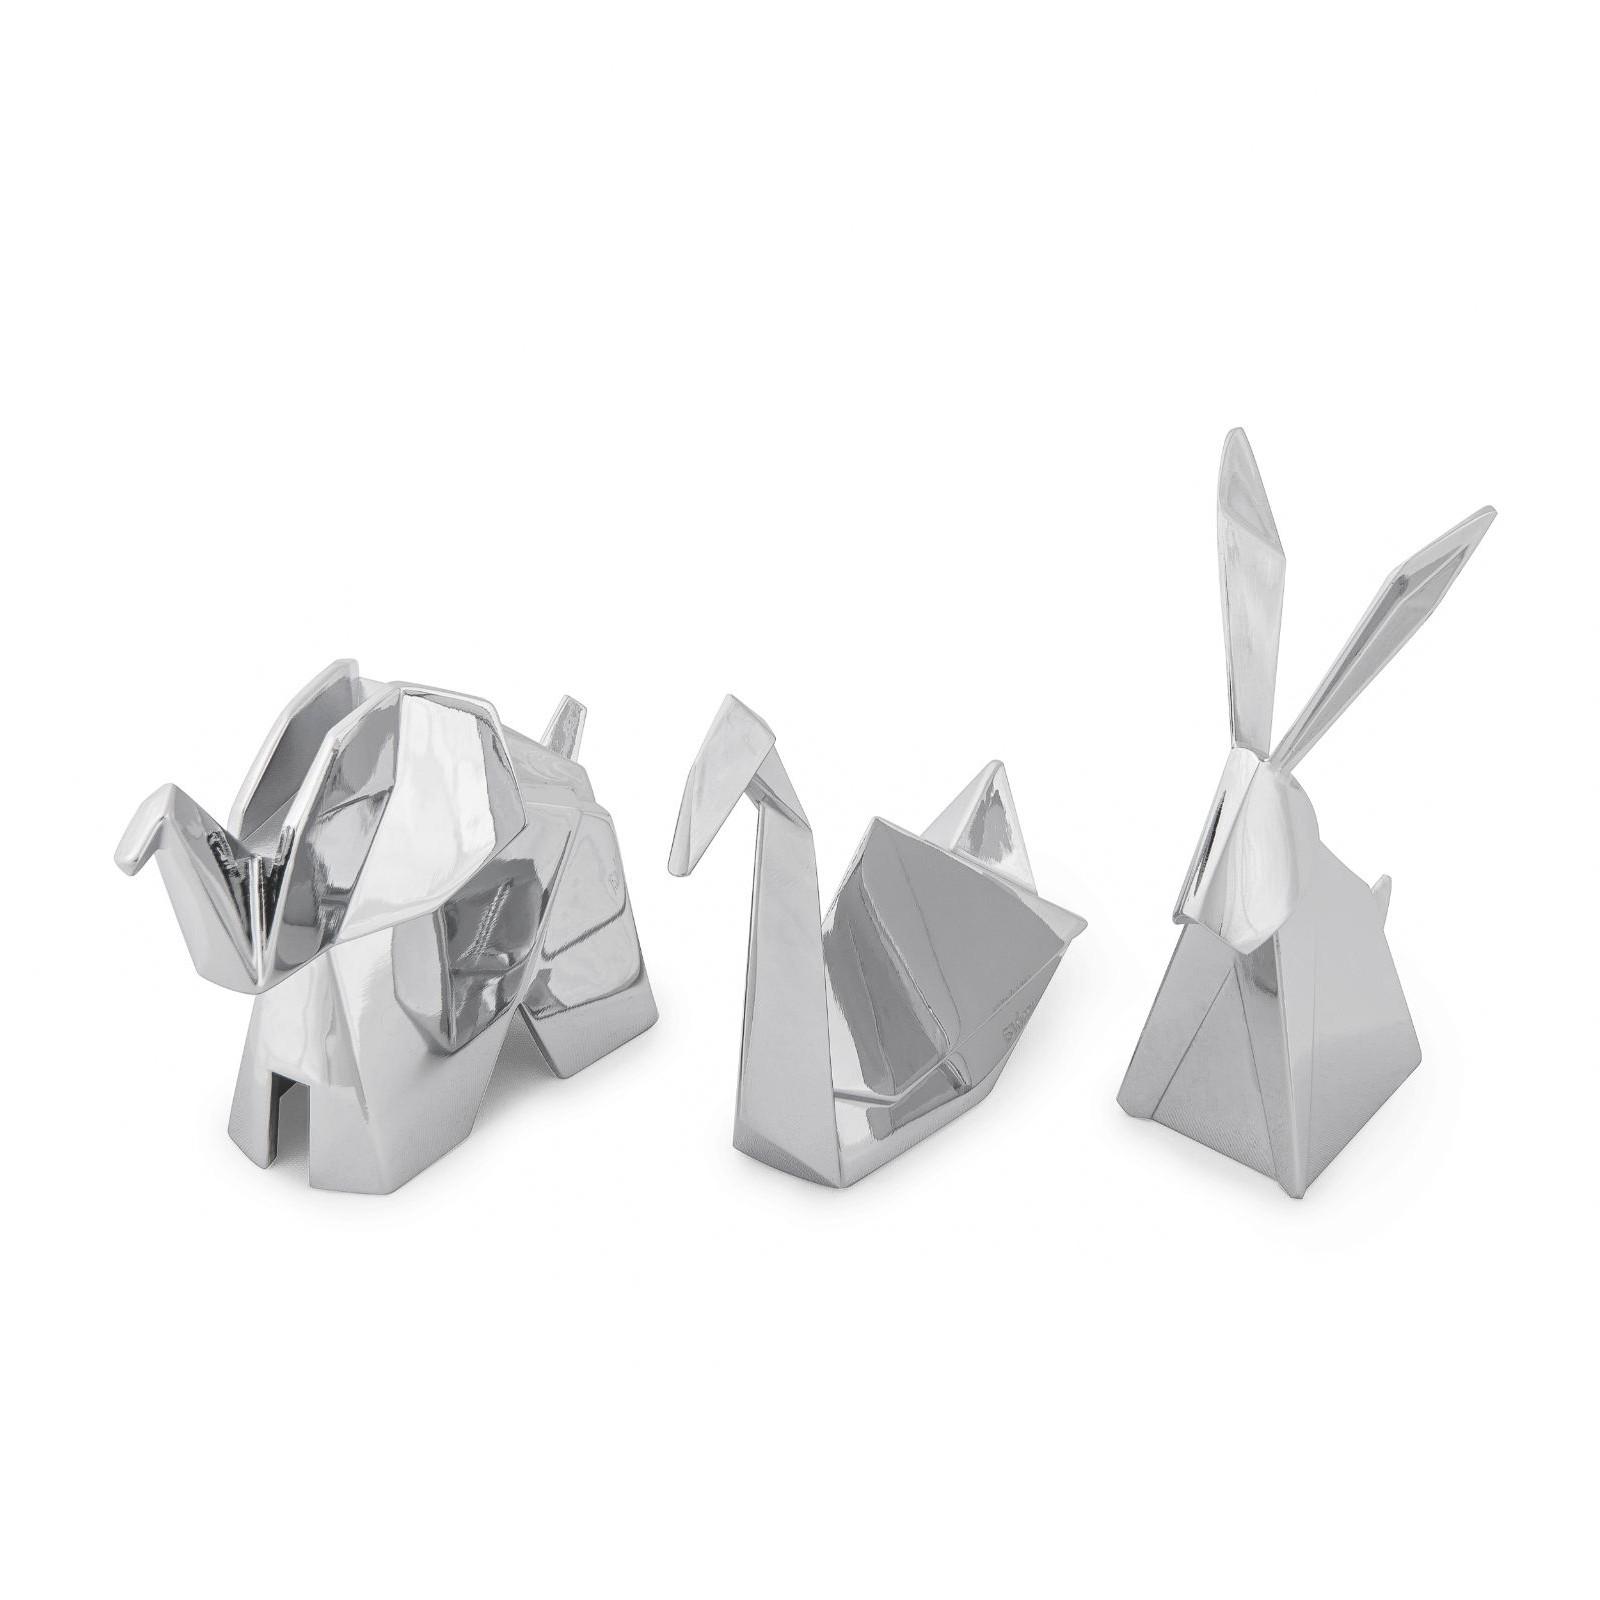 Origami Ring Holder Set of 3 (Chrome) - Umbra